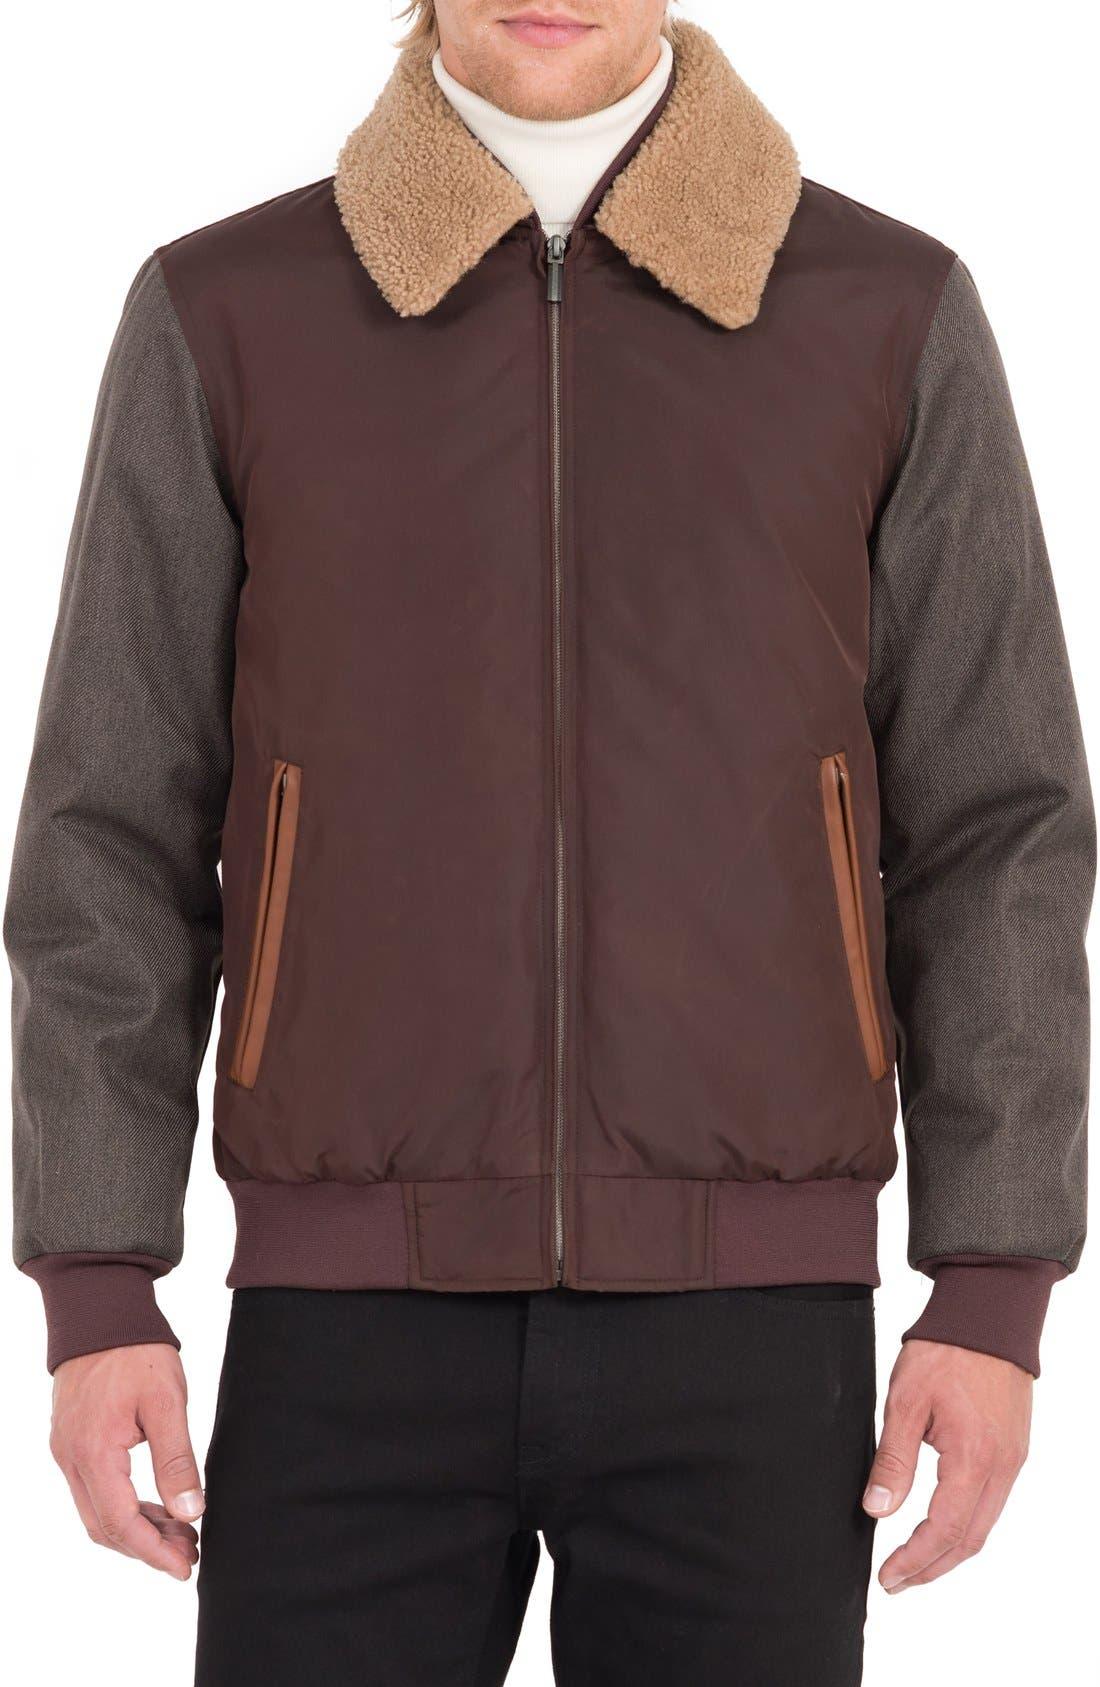 Waxed Nylon Jacket with Faux Shearling Collar,                             Main thumbnail 1, color,                             930